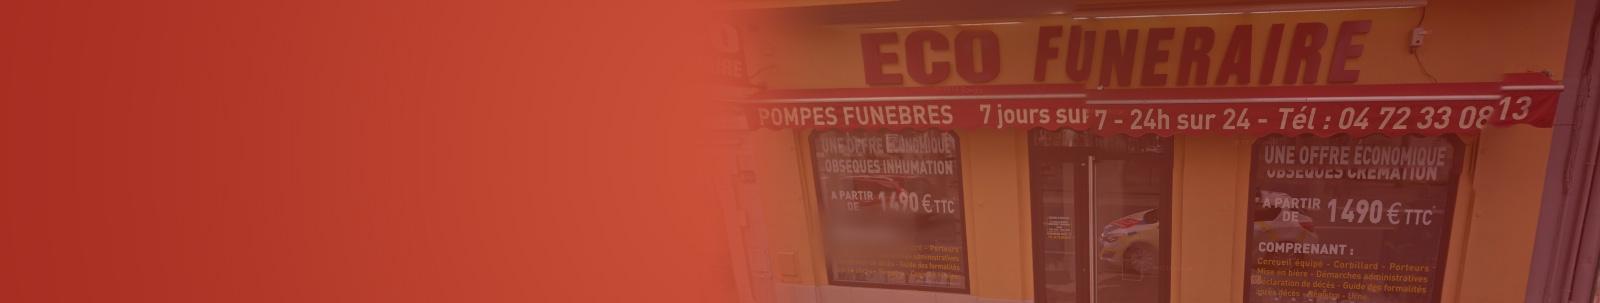 Pompes fun bres ecofun raire accueille les familles en deuil eco fun raire - Agence tcl grange blanche horaire ...